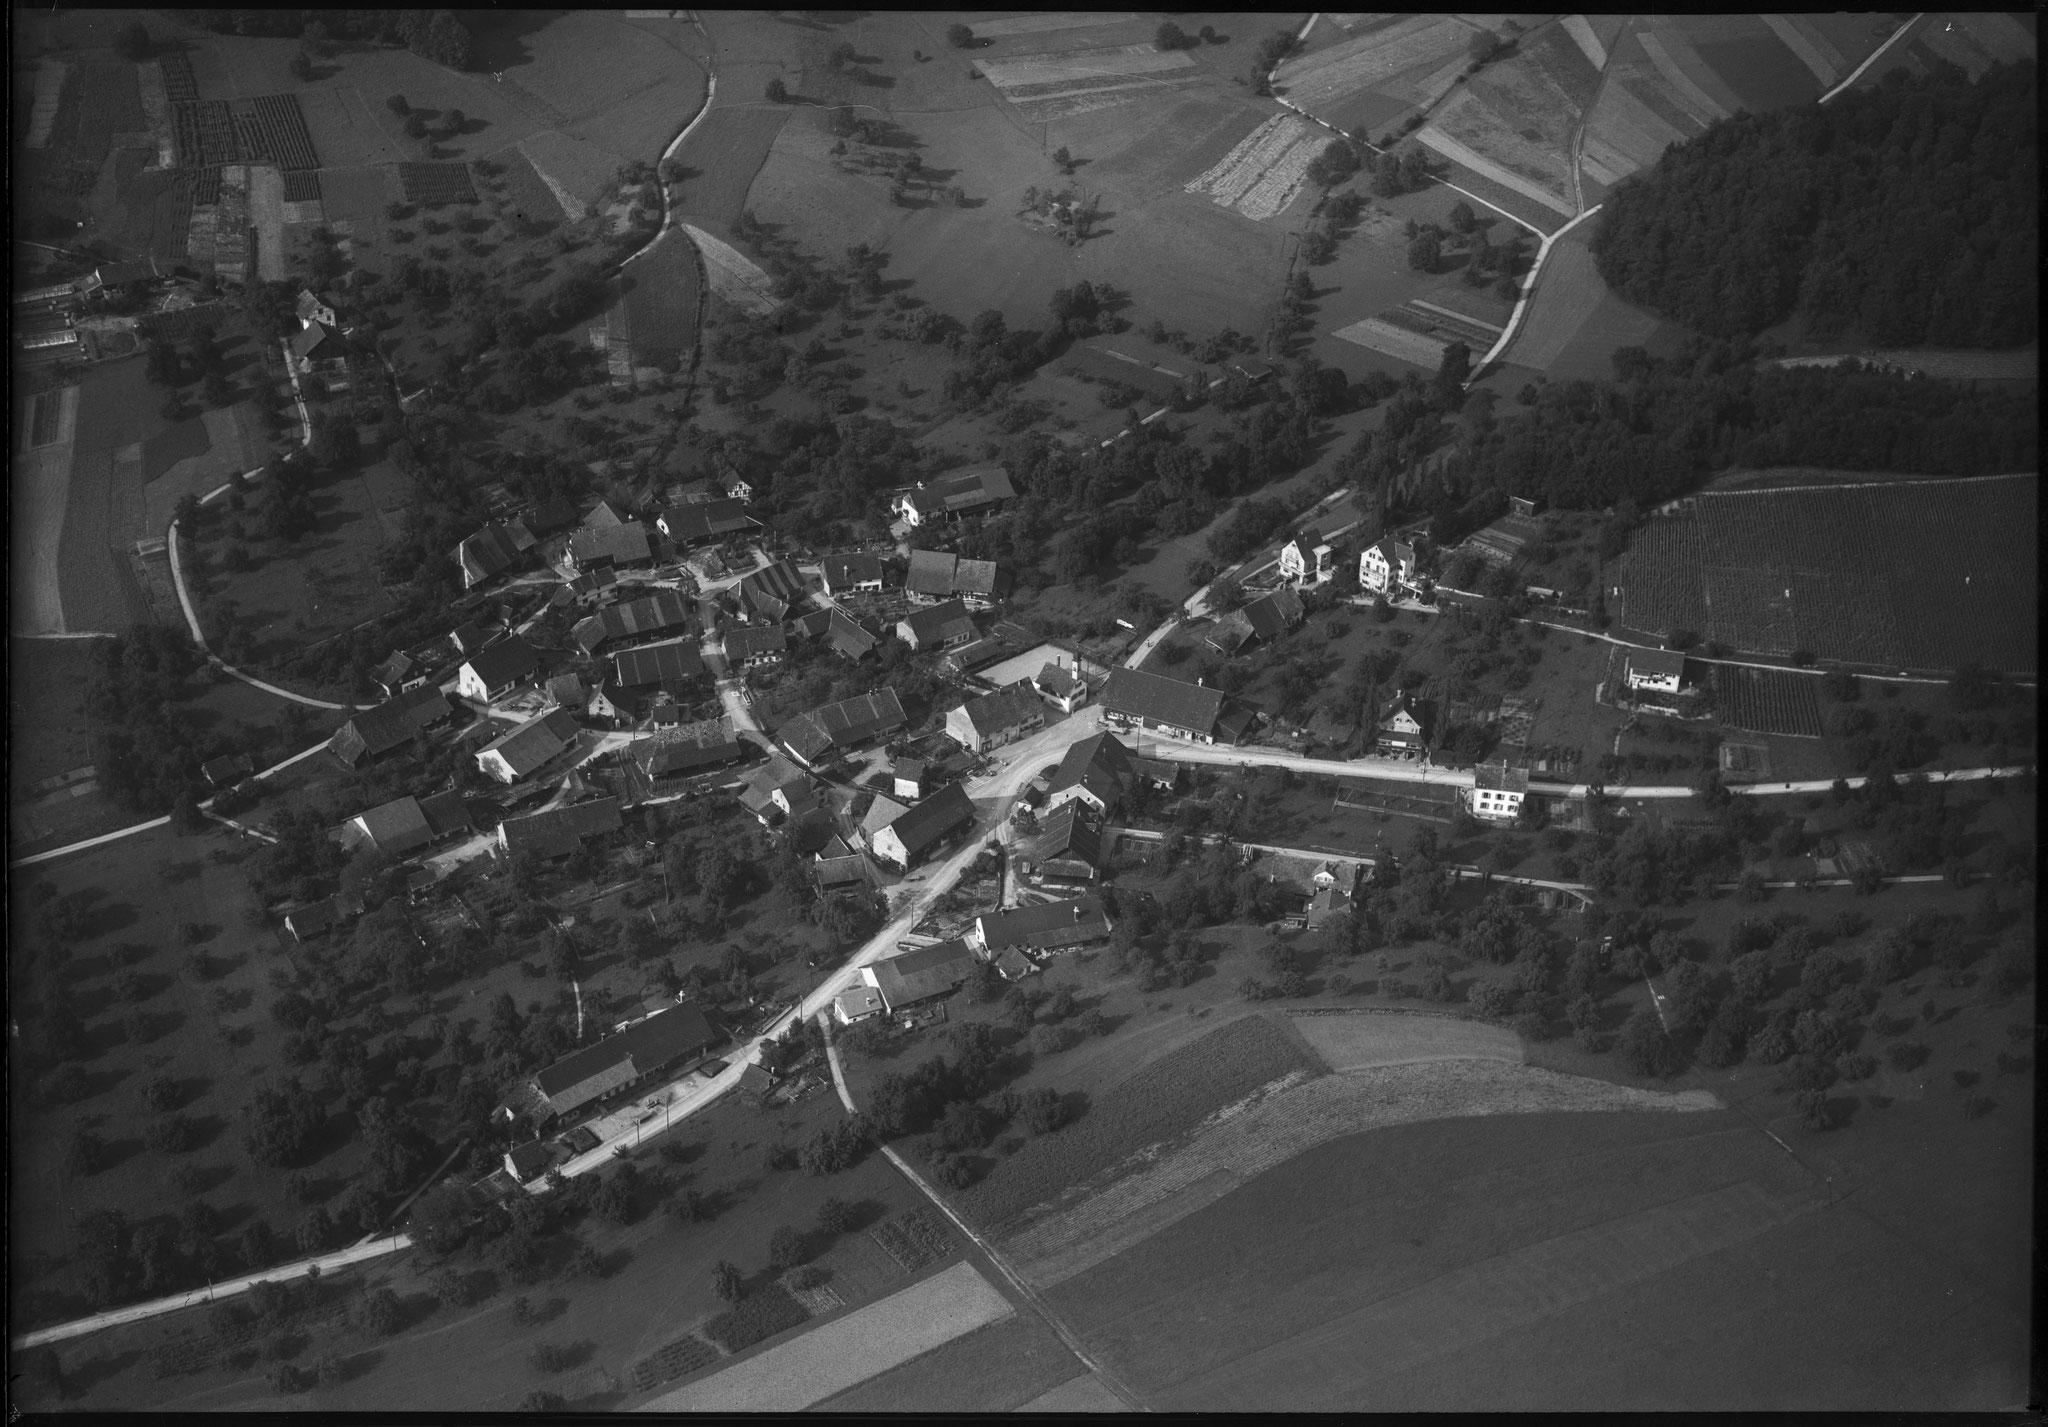 Boppelsen Aug. 1948 / Fotograf: Friedli, Werner / tiefgeflogen (schräg) / ETH-Bibliothek Zürich, Bildarchiv/Stiftung Luftbild Schweiz /LBS_H1-010897 / CC BY-SA 4.0